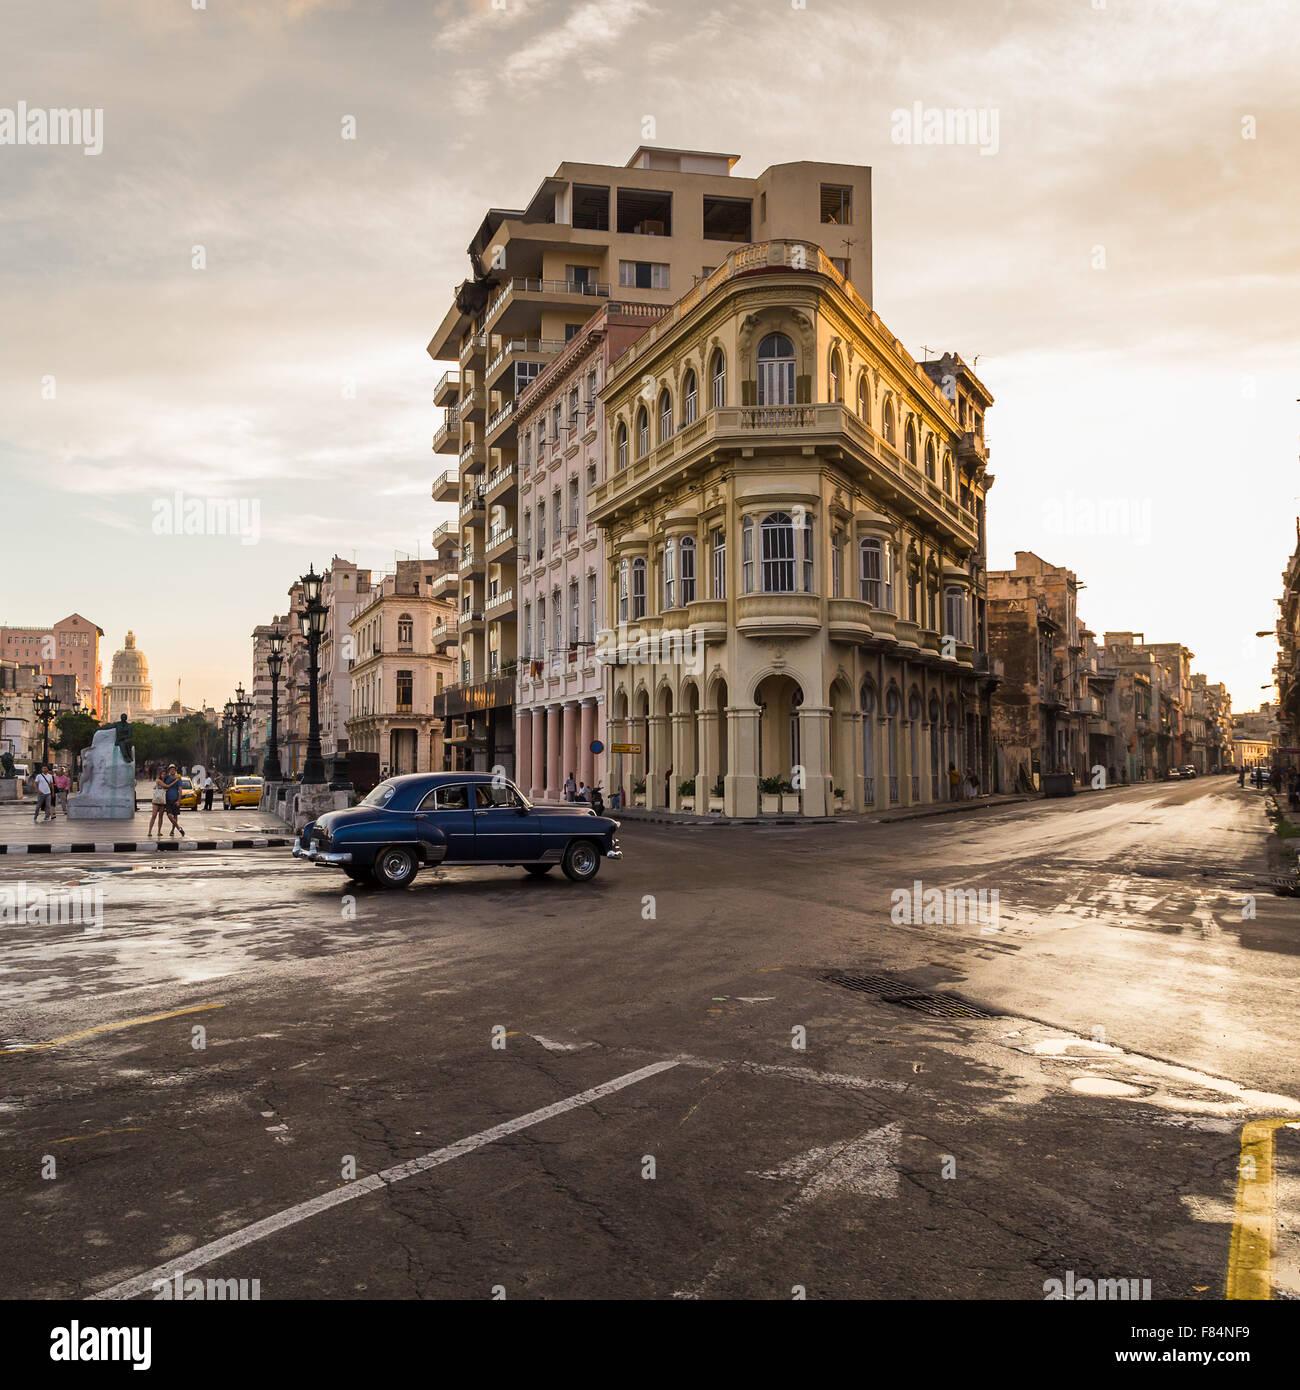 El cruce de las calles San Lázaro y el Prado iluminado en la hermosa luz dorada como el sol comienza a ponerse. Imagen De Stock